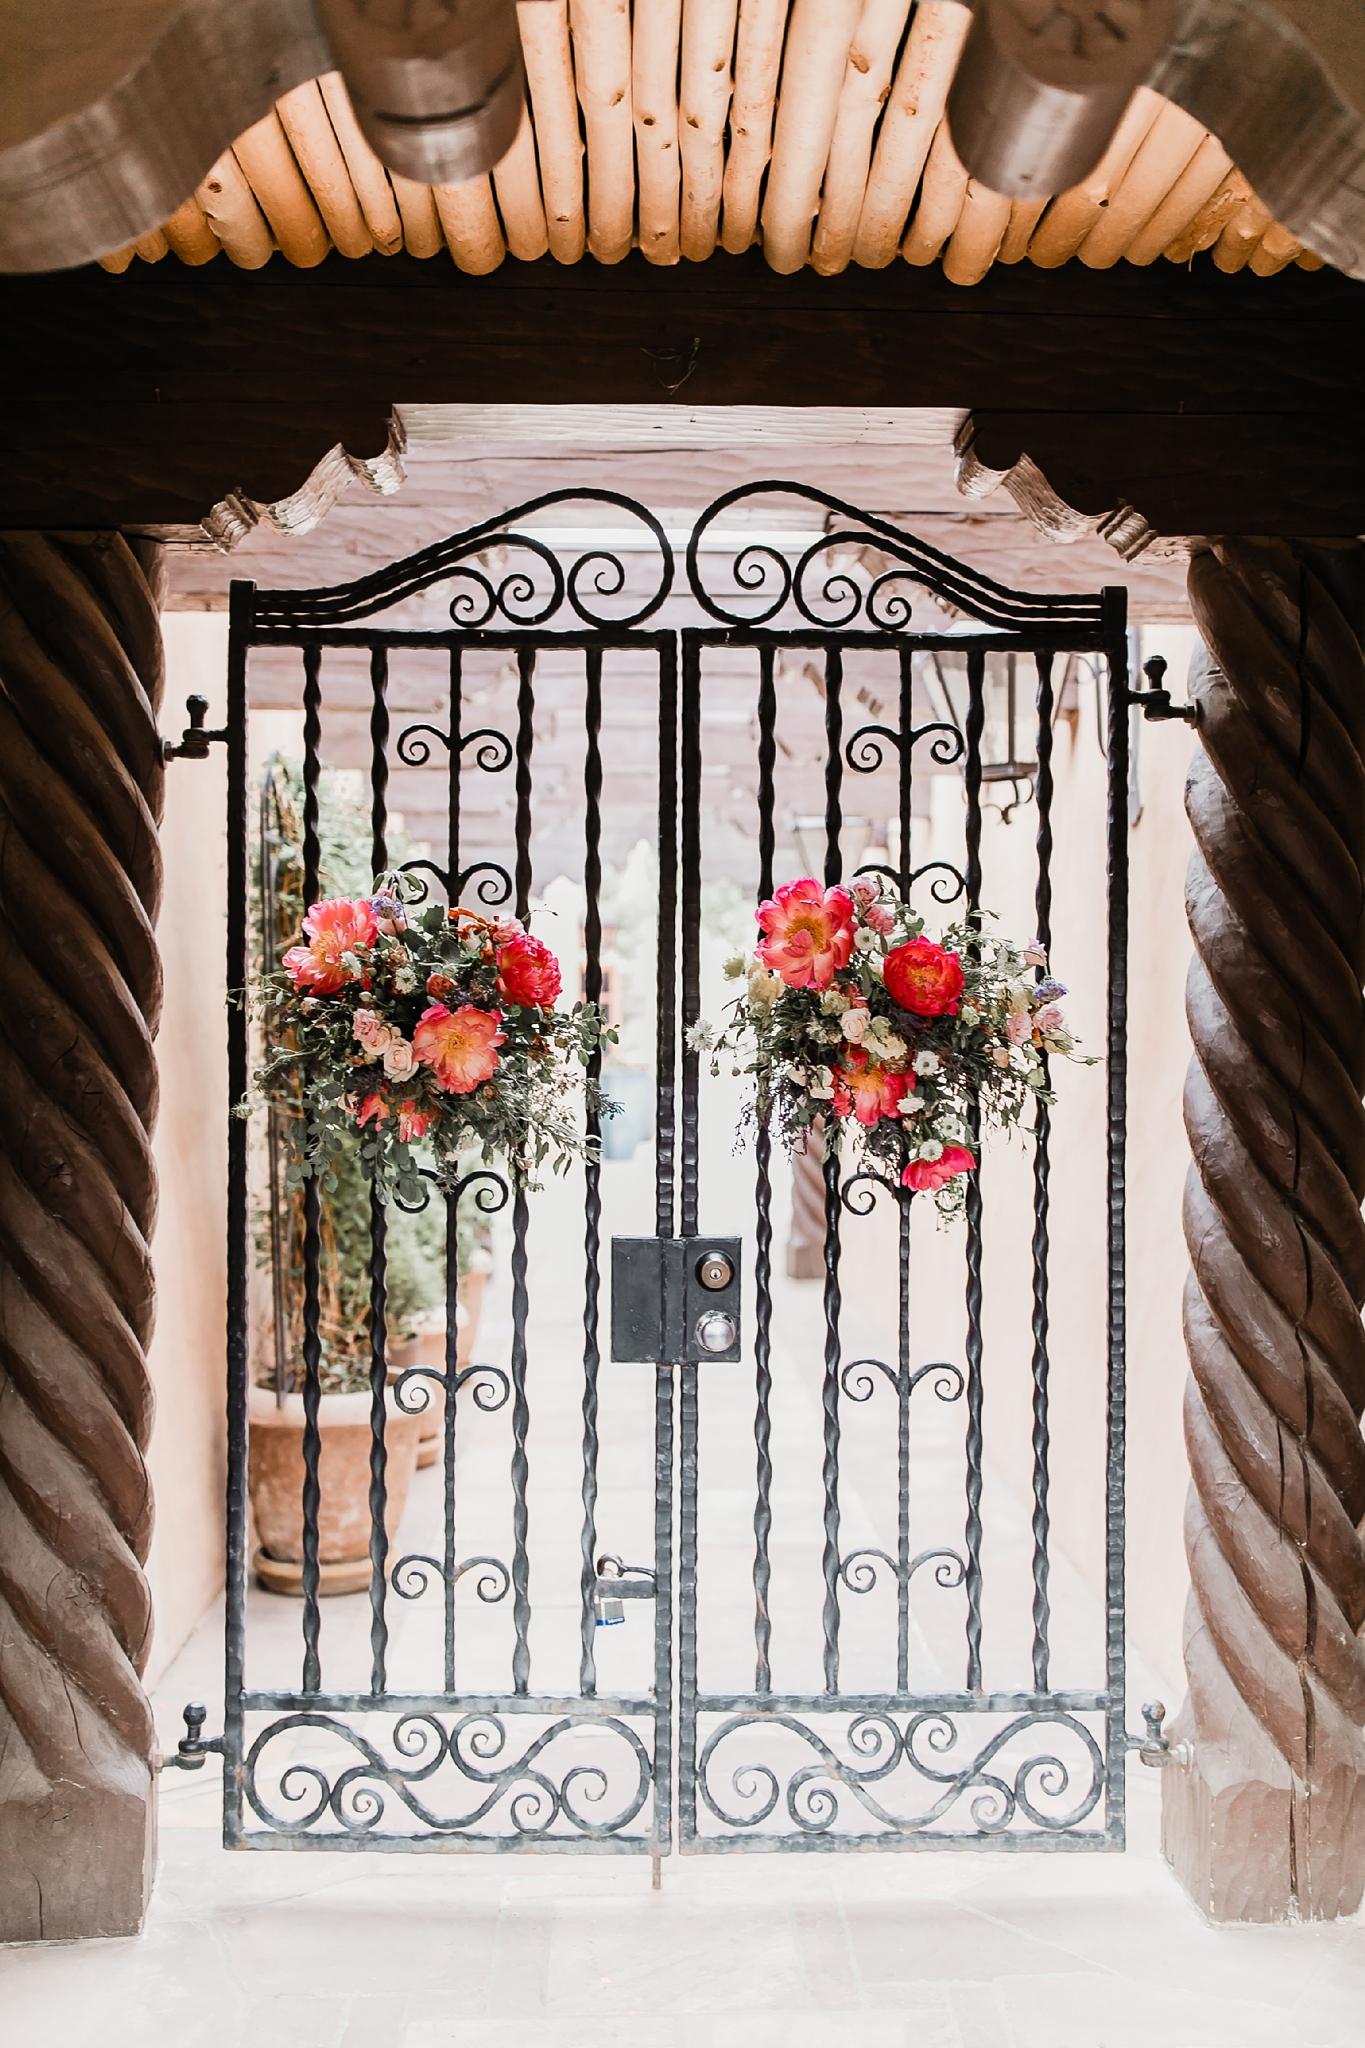 Alicia+lucia+photography+-+albuquerque+wedding+photographer+-+santa+fe+wedding+photography+-+new+mexico+wedding+photographer+-+new+mexico+wedding+-+summer+wedding+-+summer+wedding+florals+-+southwest+wedding_0050.jpg